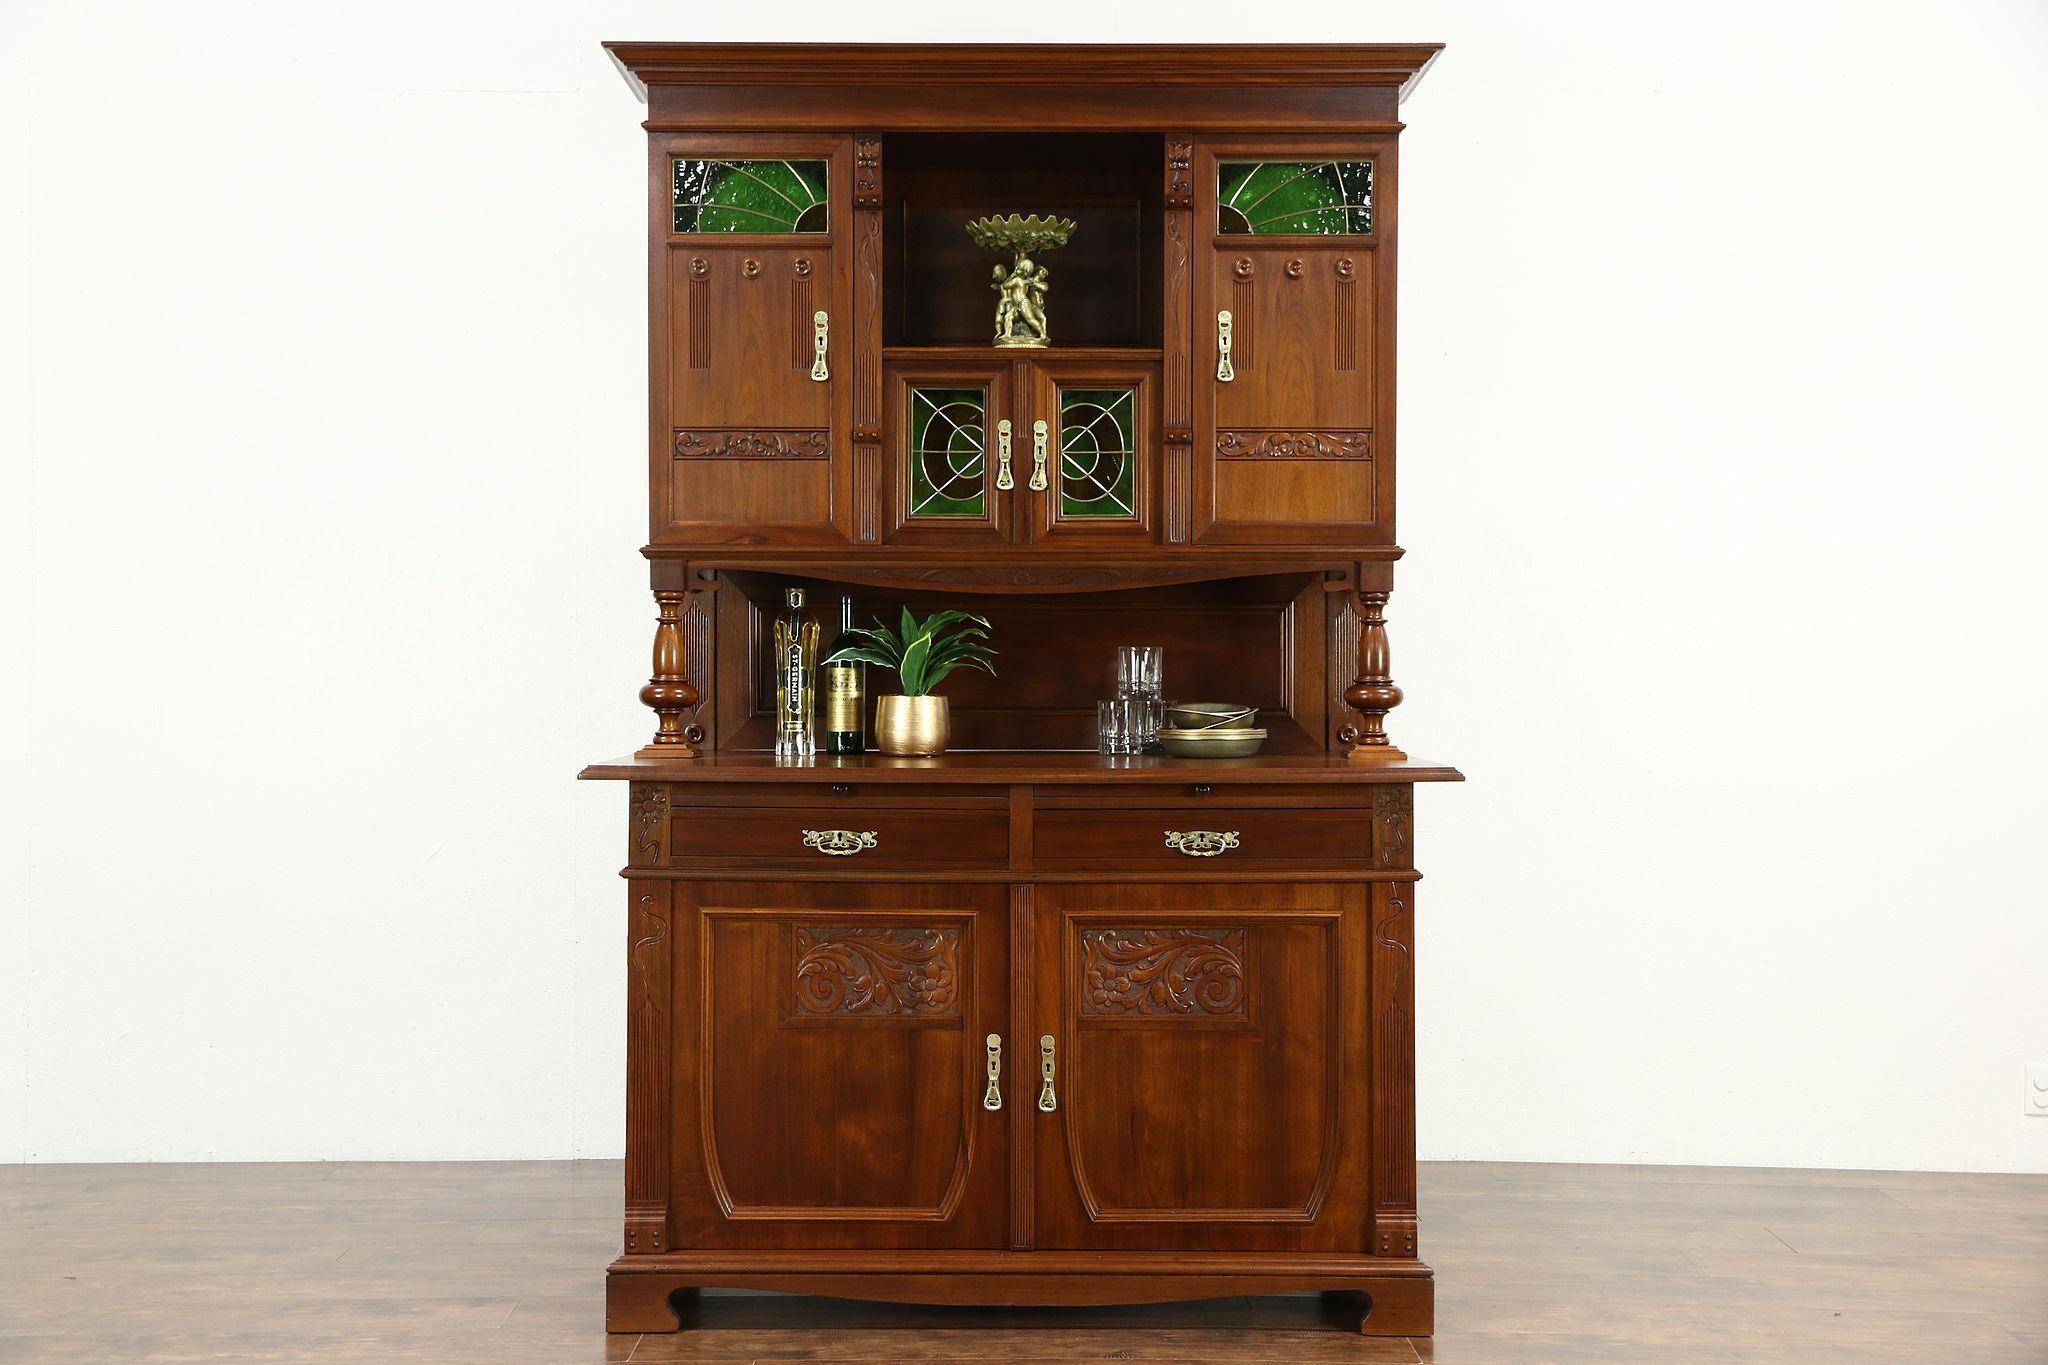 Sold Austrian 1900 Antique Art Nouveau Sideboard Server China Cabinet Back Bar Harp